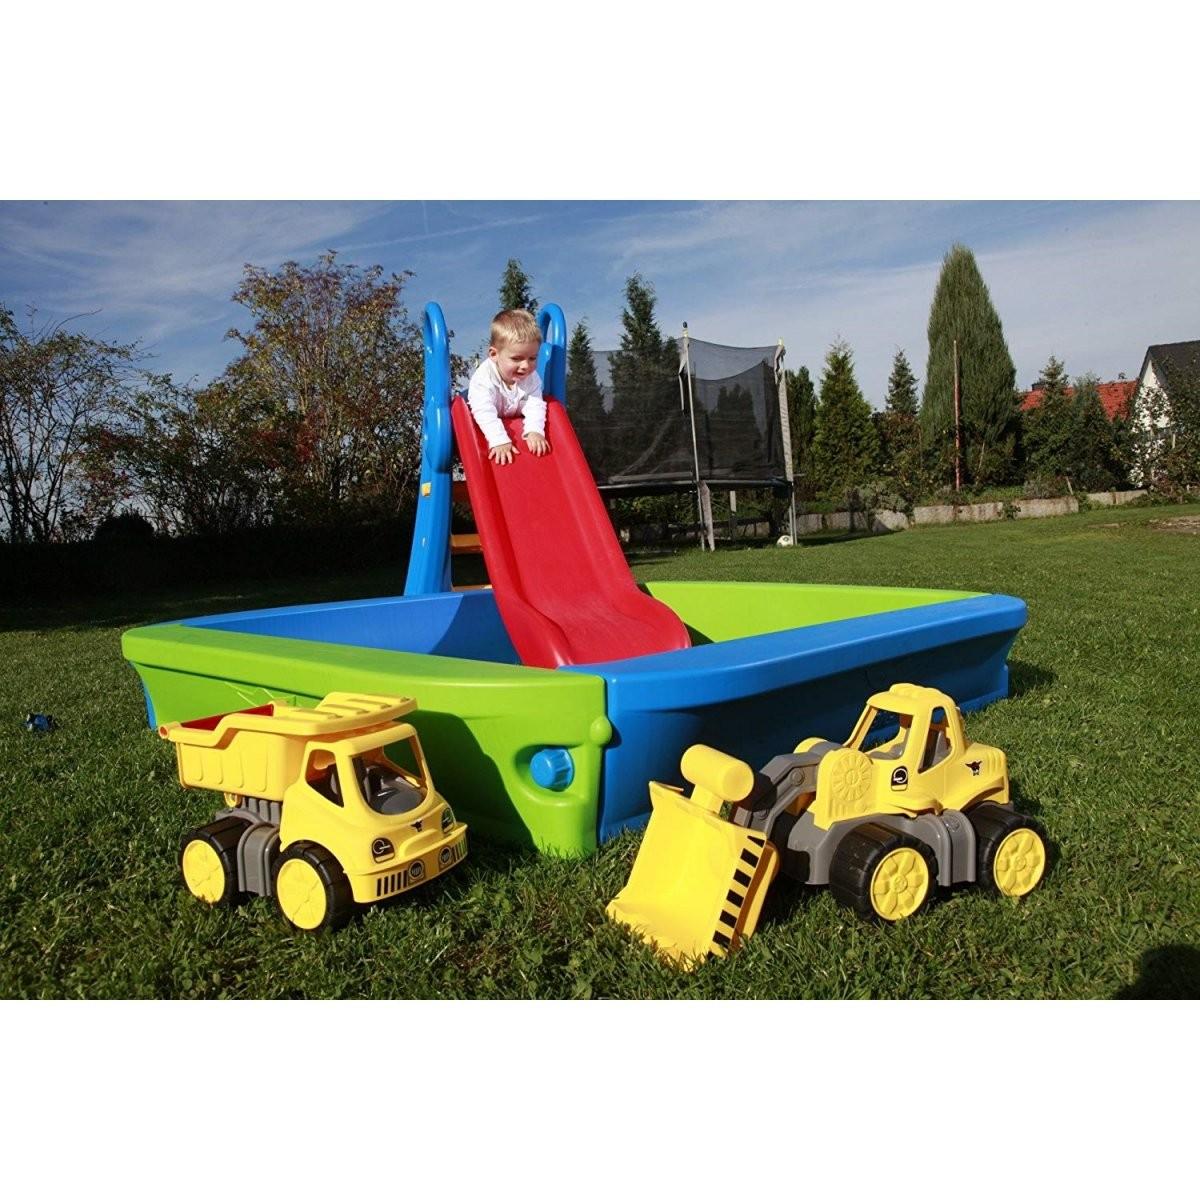 Big 800056710 Rutsche Big Fun Slide Verstellbar von Rutsche Big Fun Slide Bild